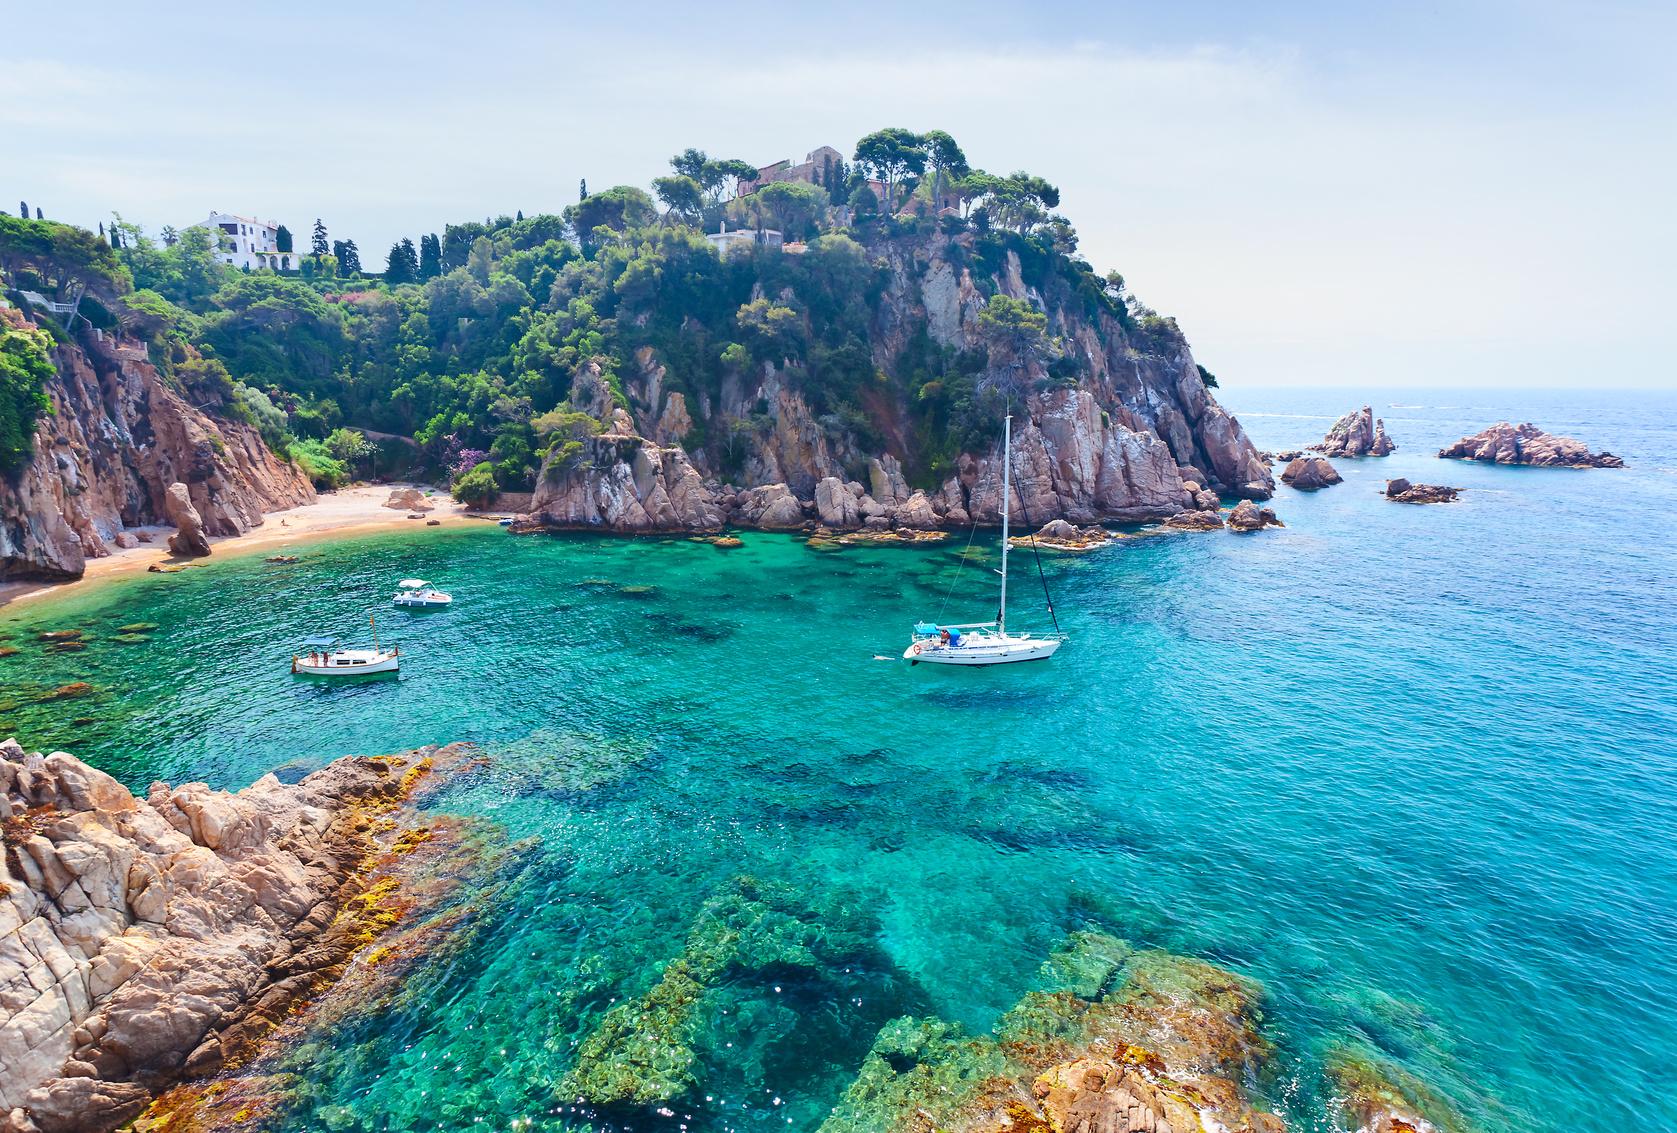 Küste Costa Brava, Spanien